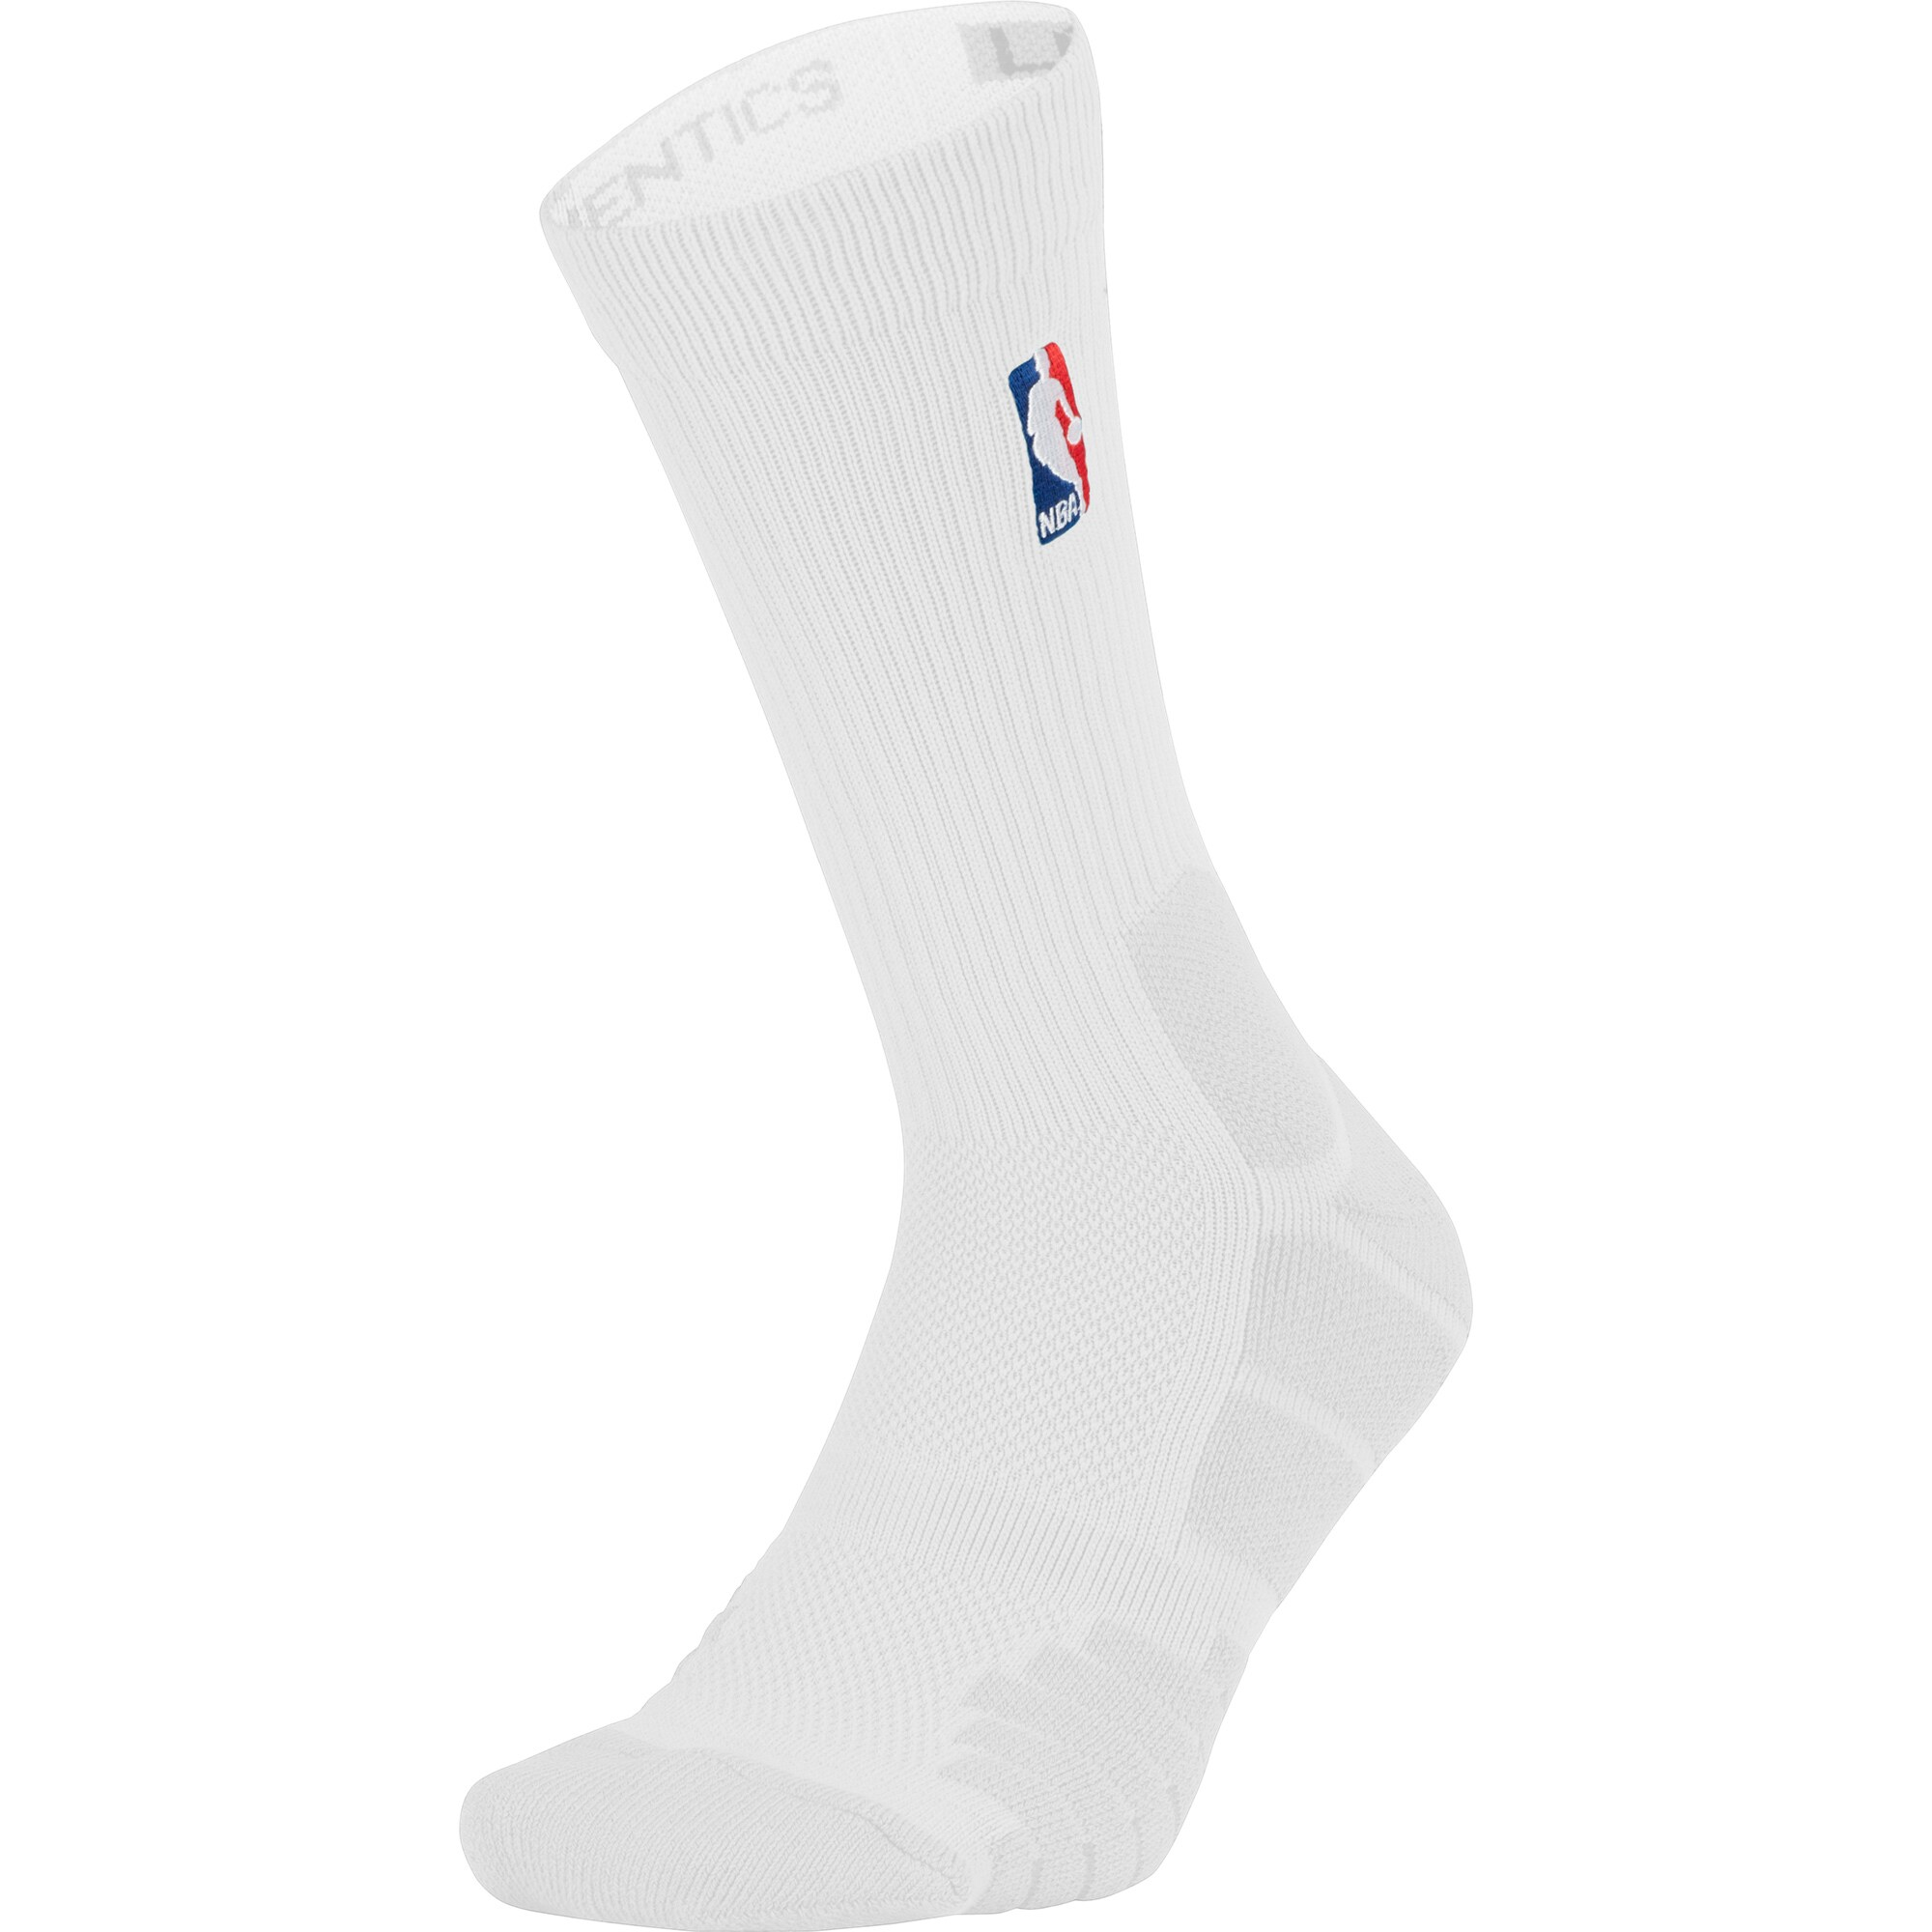 Charlotte Hornets Nike Elite Quick Crew Socks - White